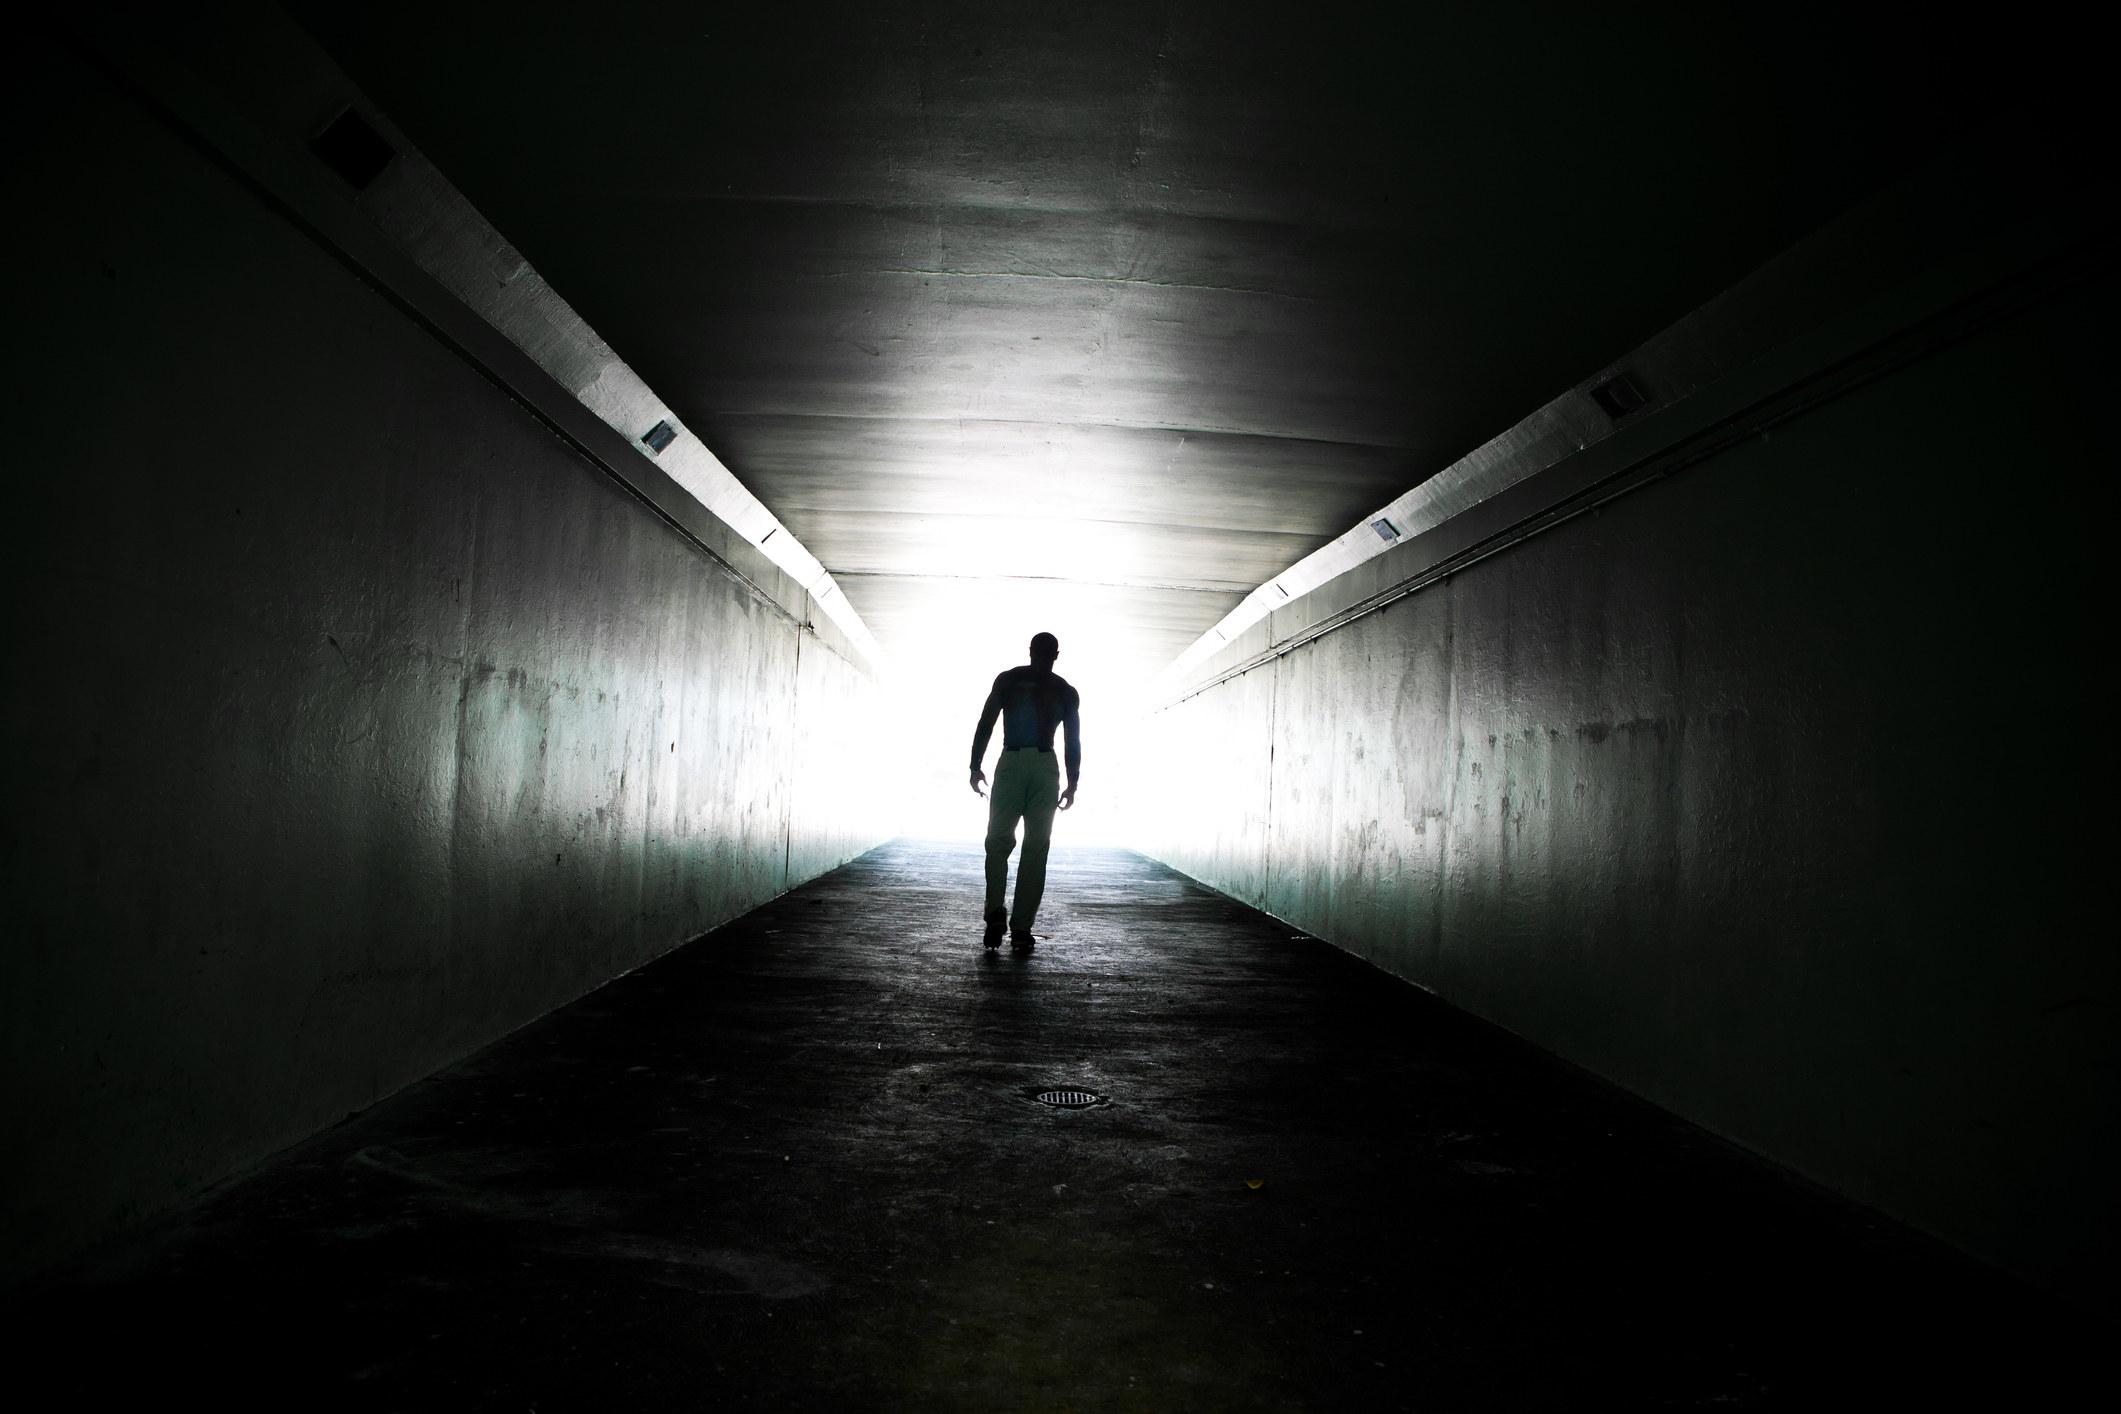 A person walking through a dark tunnel